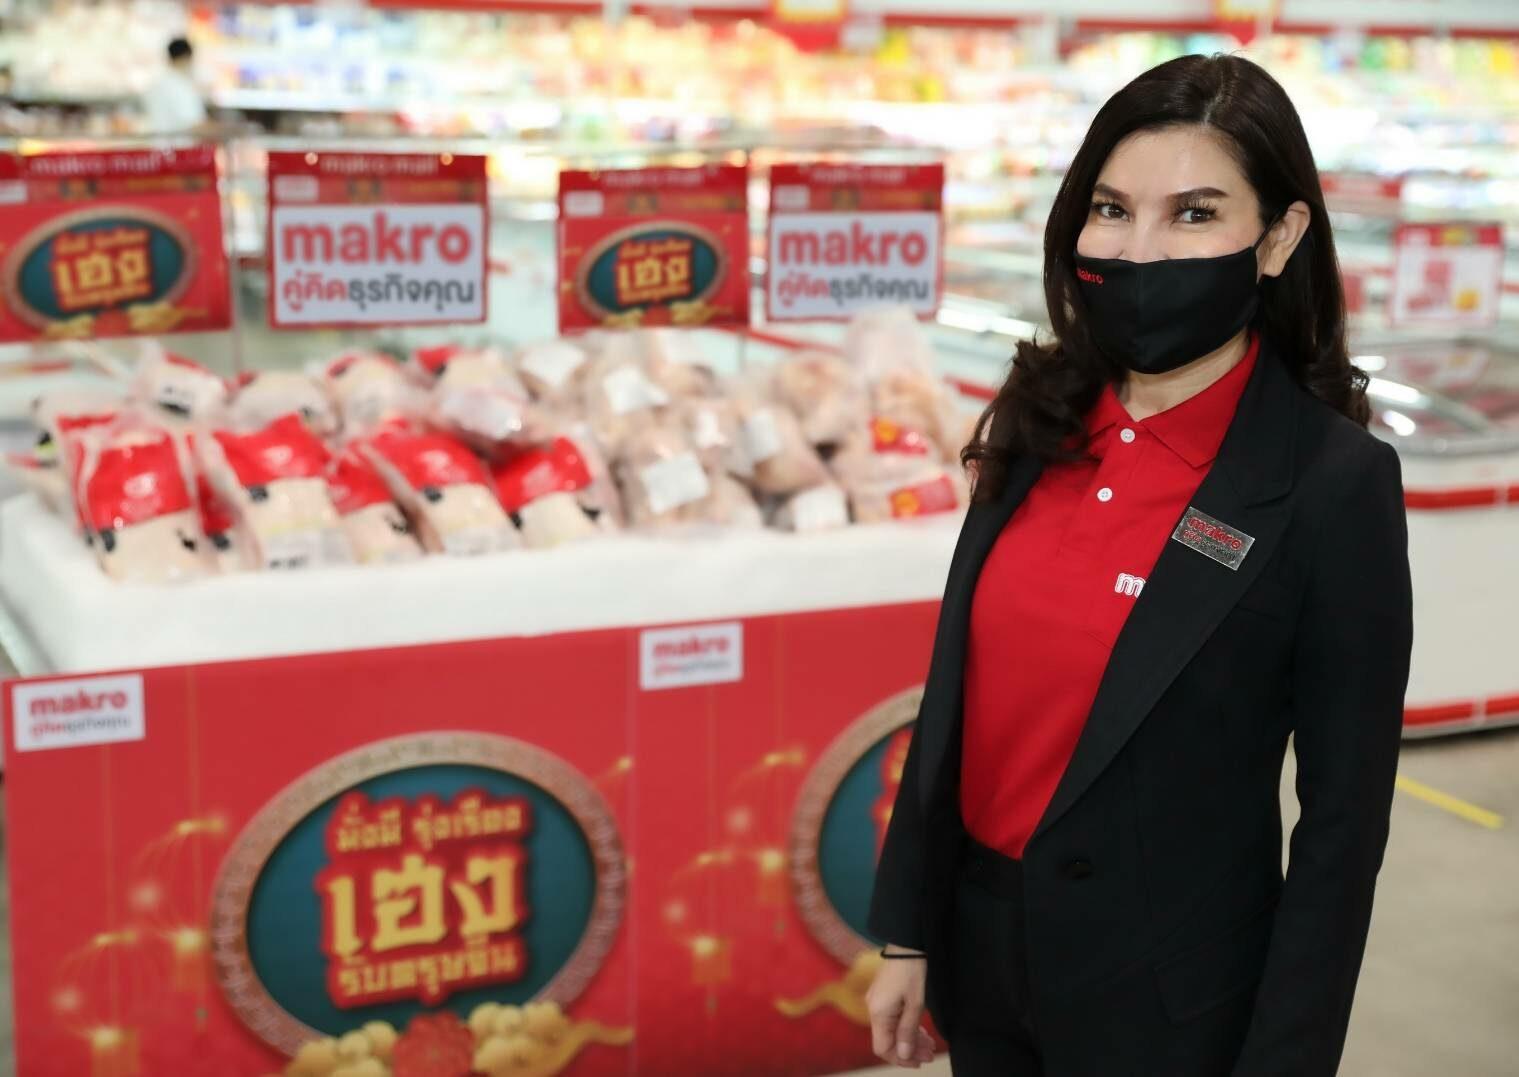 """""""แม็คโคร"""" จัดแคมเปญ """"มั่งมี รุ่งเรือง เฮง"""" รับตรุษจีนชูสินค้าครบครัน รับเทรนด์พร้อมปรุงมาแรง"""